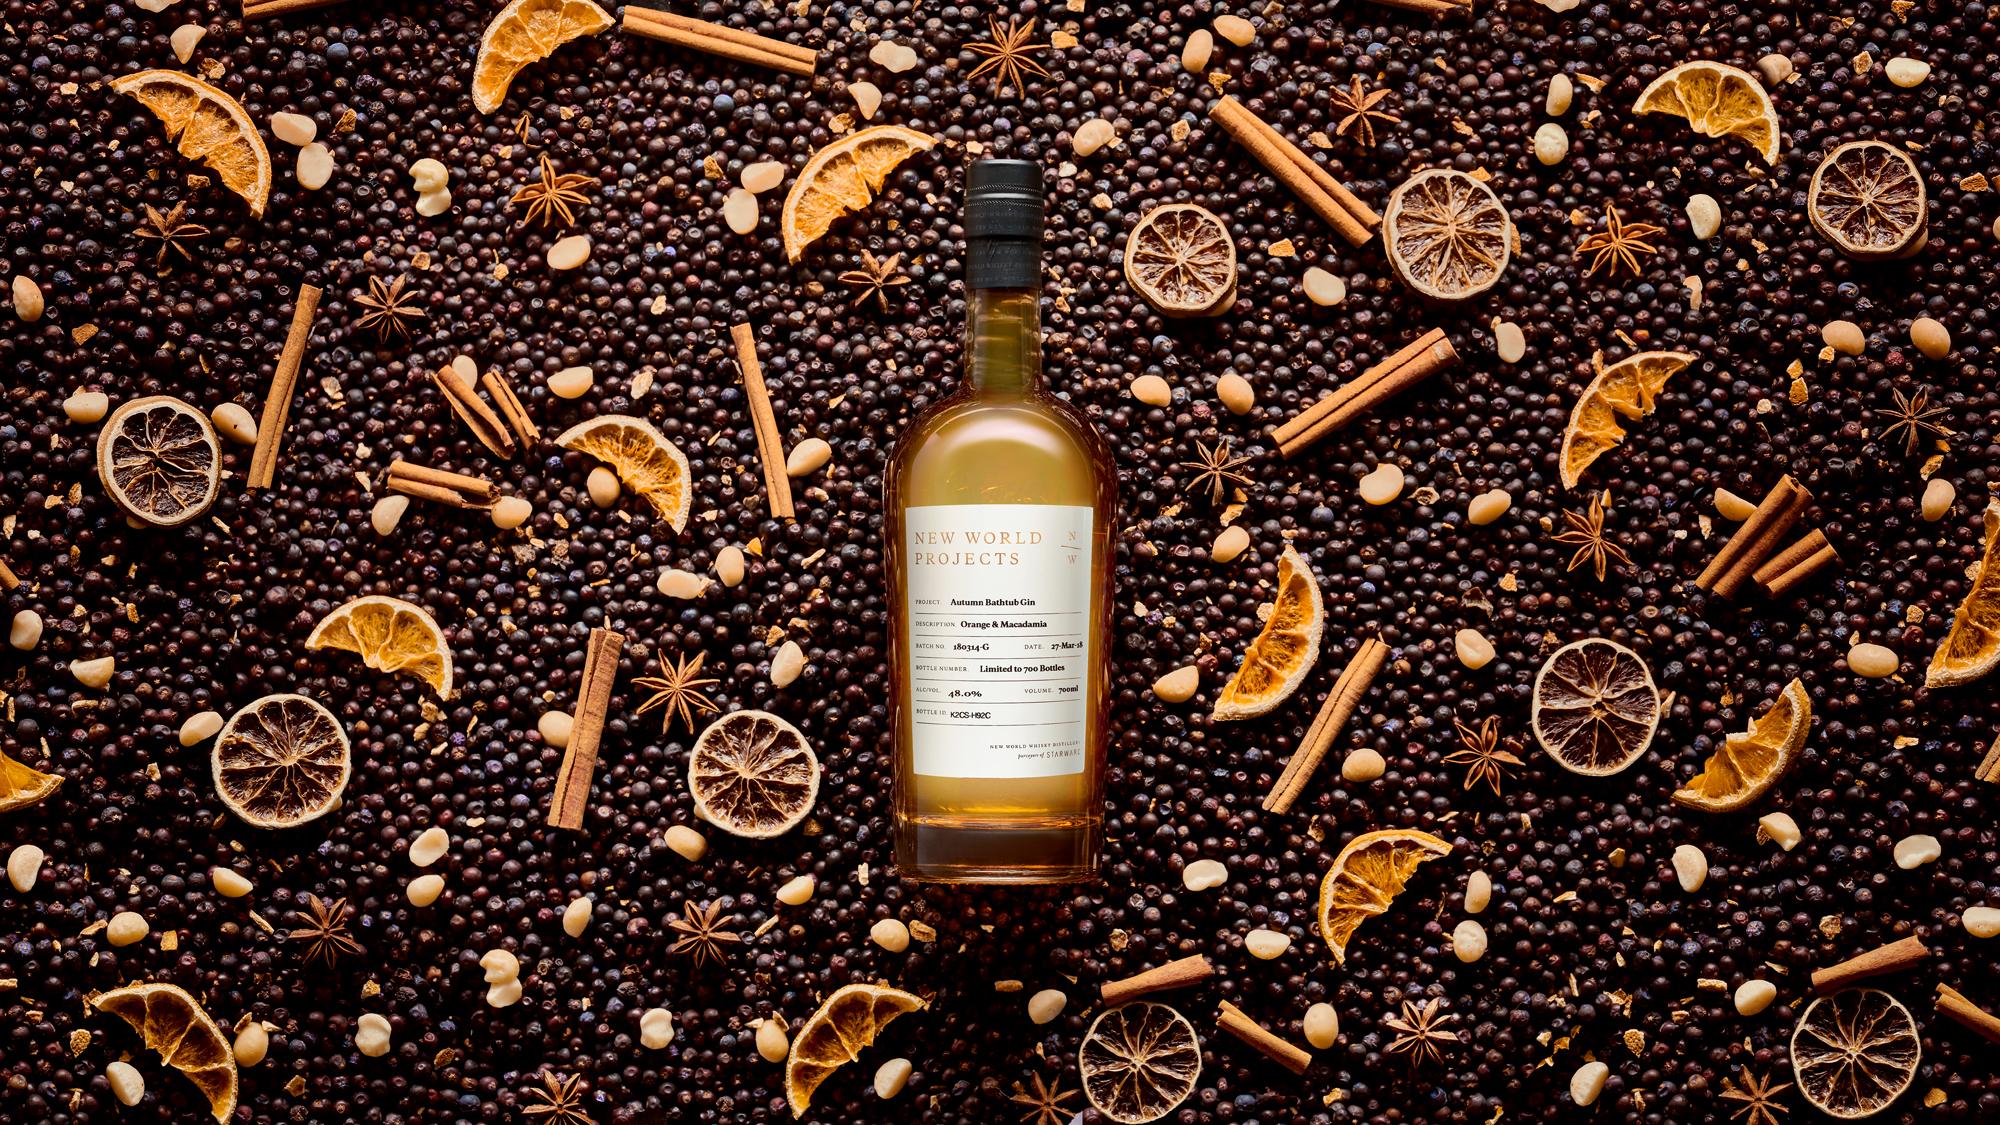 Autumn Gin Botanicals 16x9.jpg